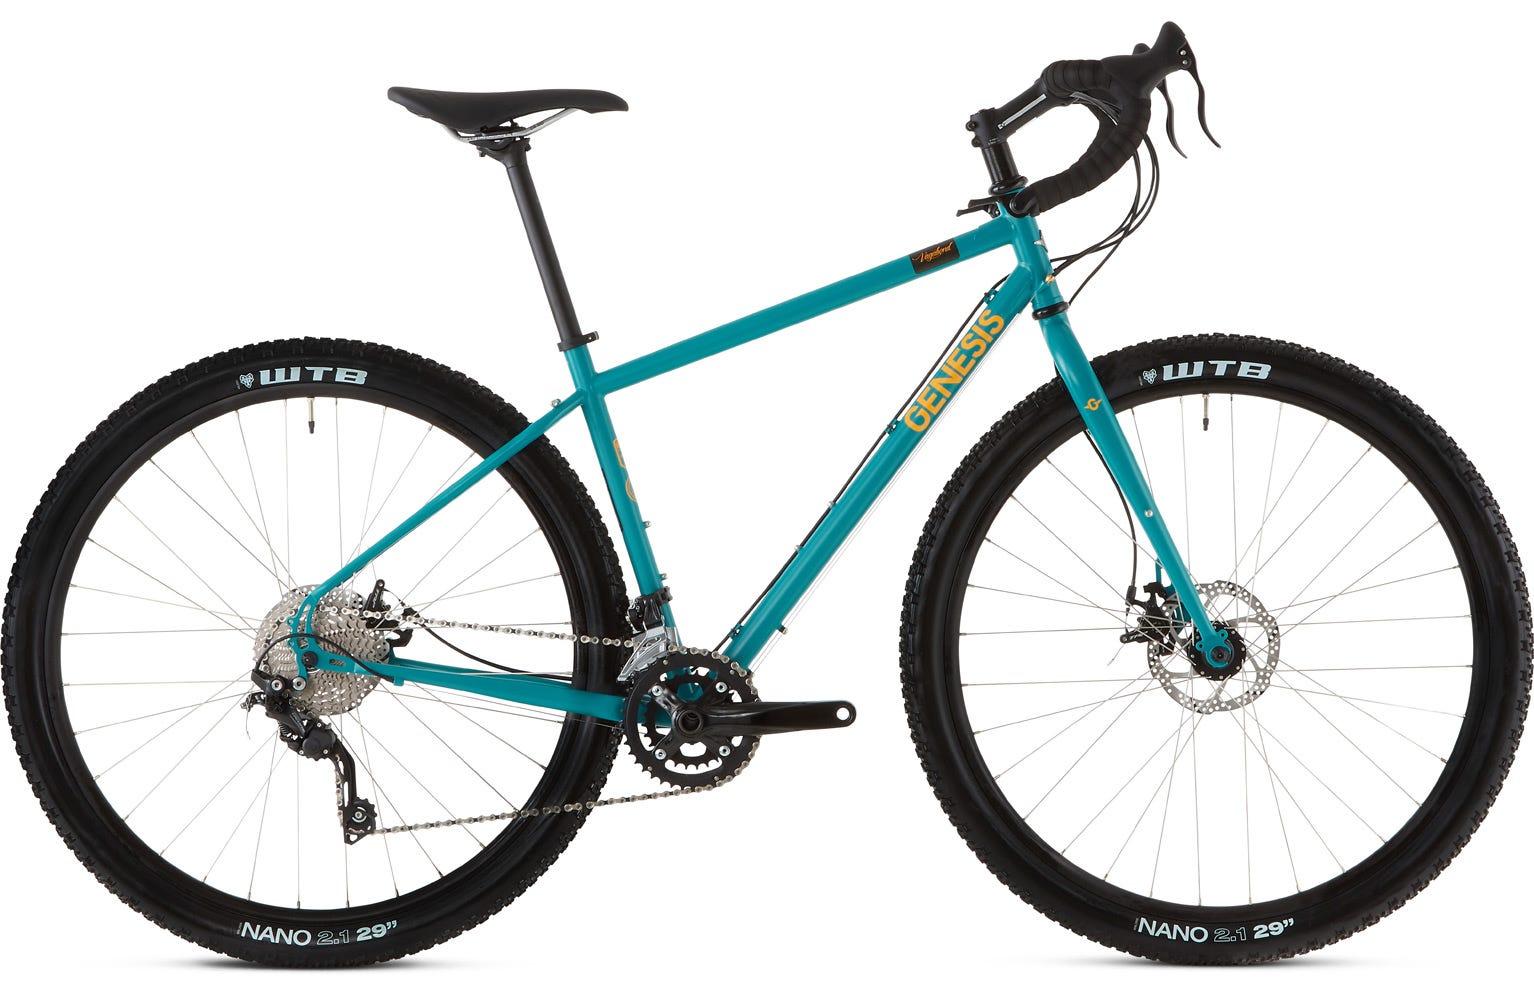 Genesis 2019 Vagabond md bike sample (unused)